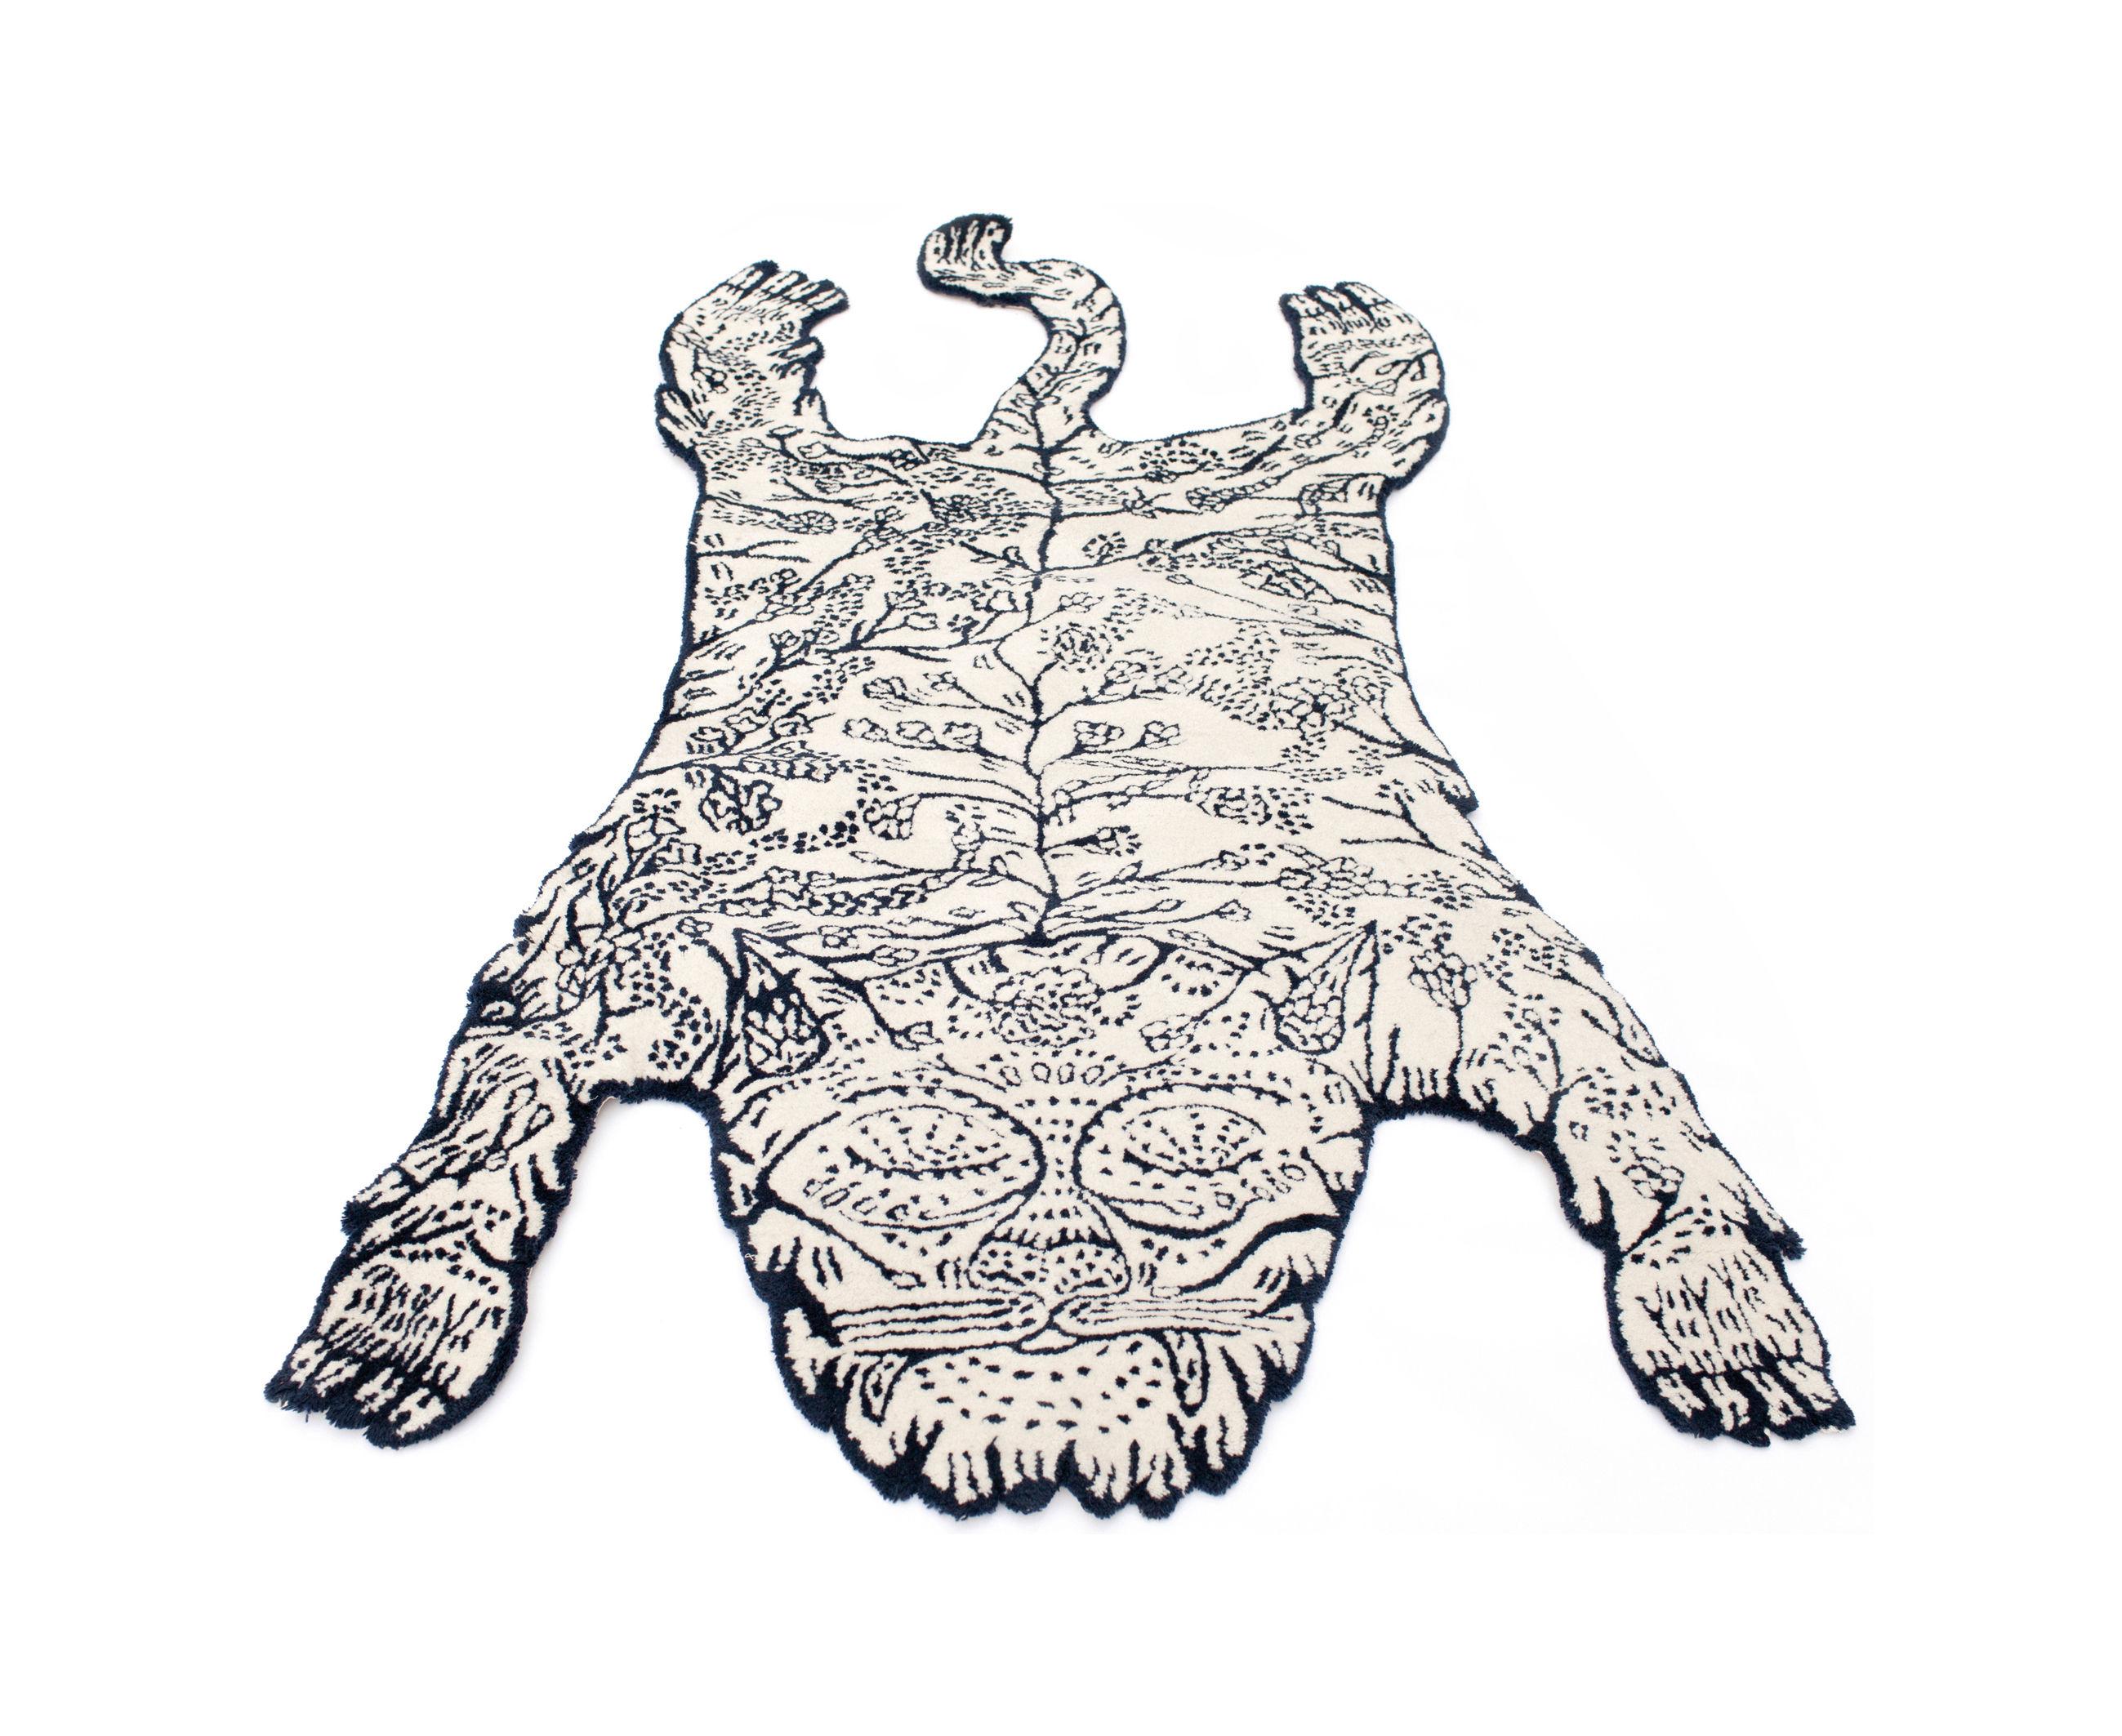 Dekoration - Teppiche - Tiger Teppich Größe S / 180 x 80 cm - Moustache - 180 x 80 cm / schwarz & weiß - Wolle